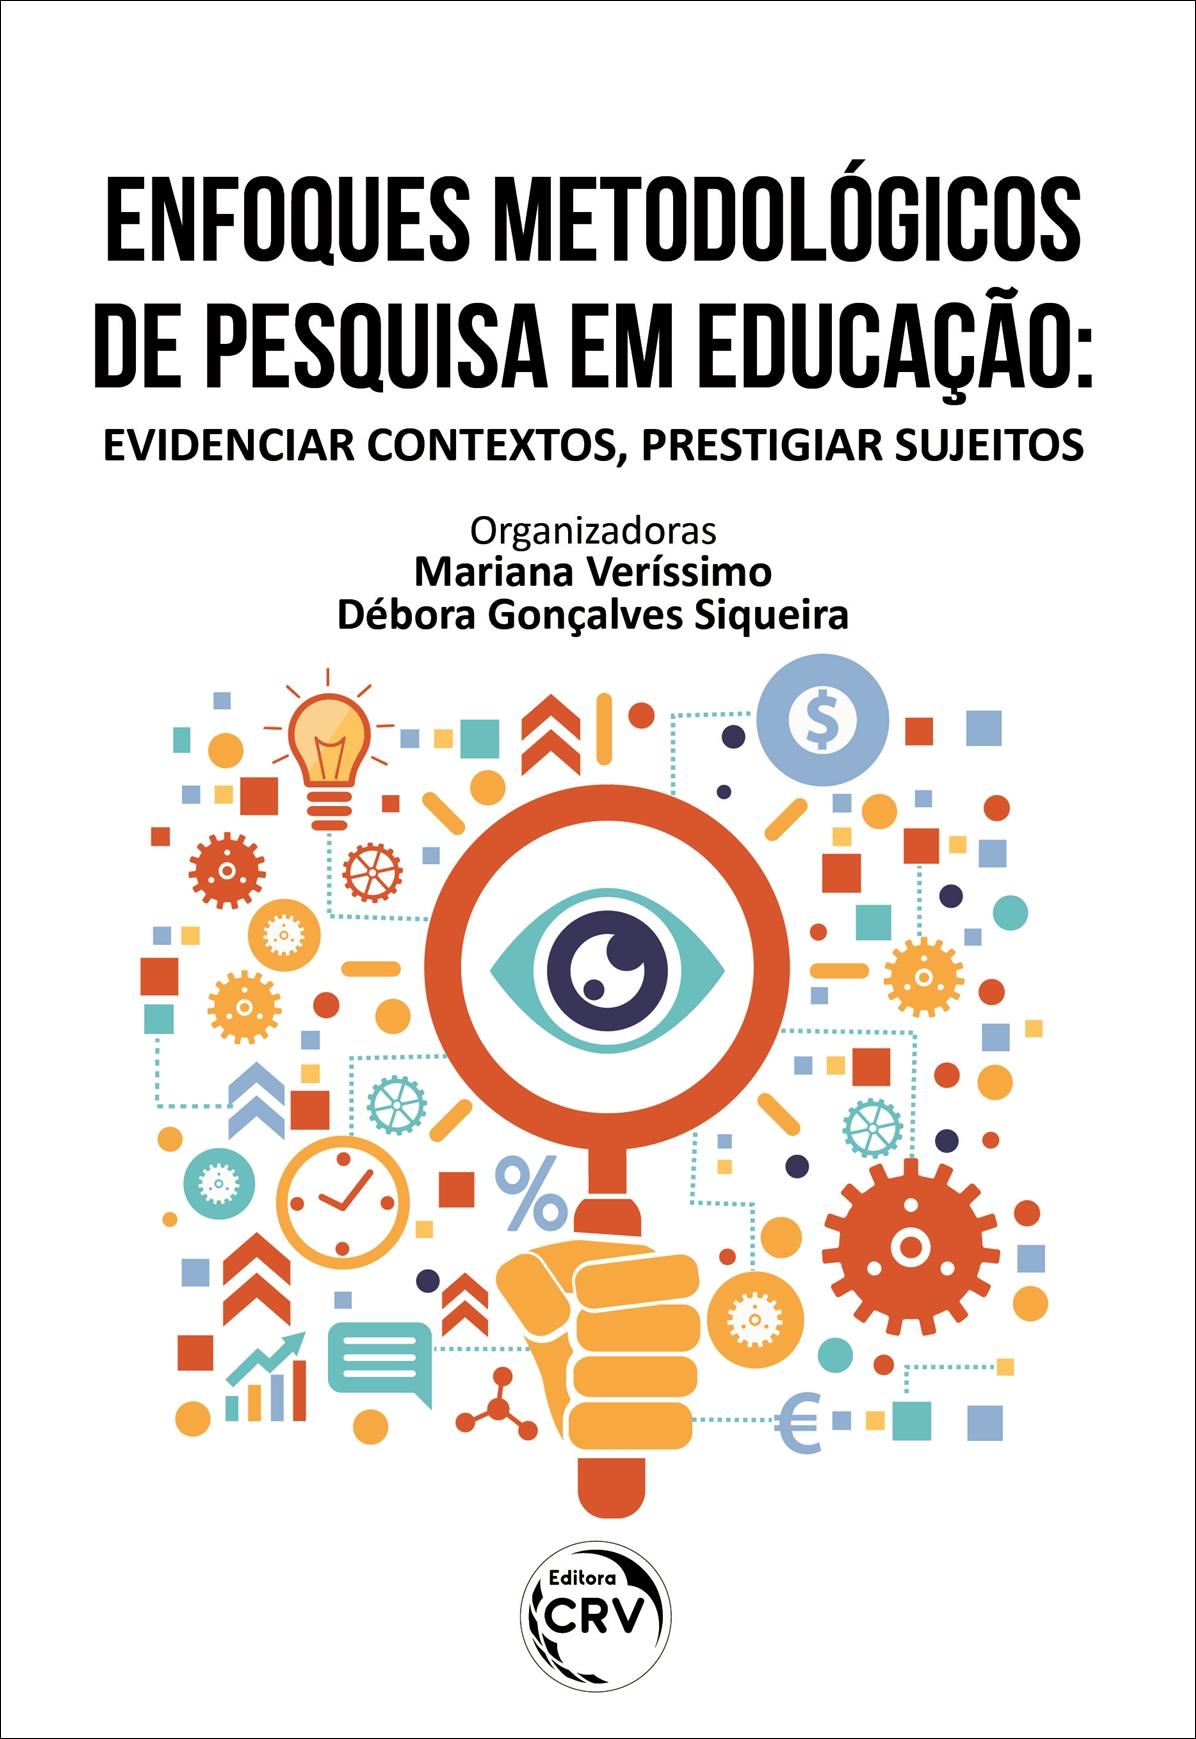 Capa do livro: ENFOQUES METODOLÓGICOS DE PESQUISA EM EDUCAÇÃO: <br>evidenciar contextos, prestigiar sujeitos